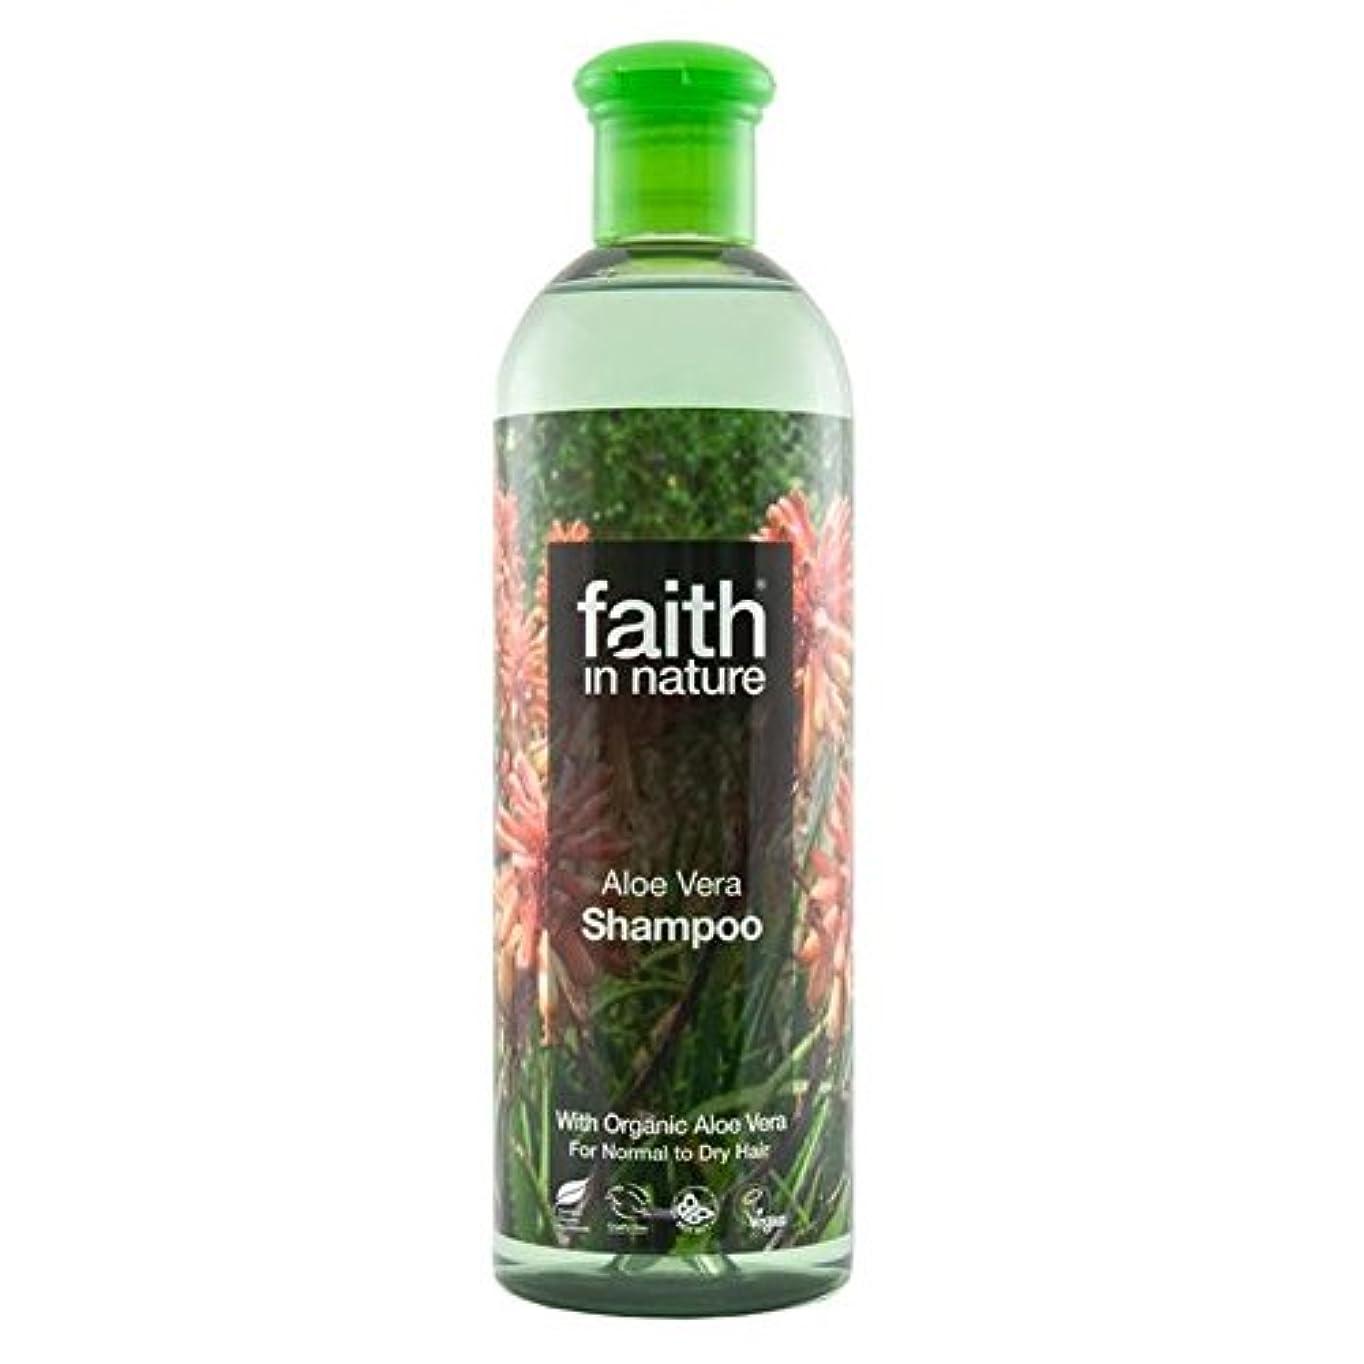 木曜日すり分解するFaith in Nature Aloe Vera Shampoo 400ml (Pack of 2) - (Faith In Nature) 自然アロエベラシャンプー400ミリリットルの信仰 (x2) [並行輸入品]